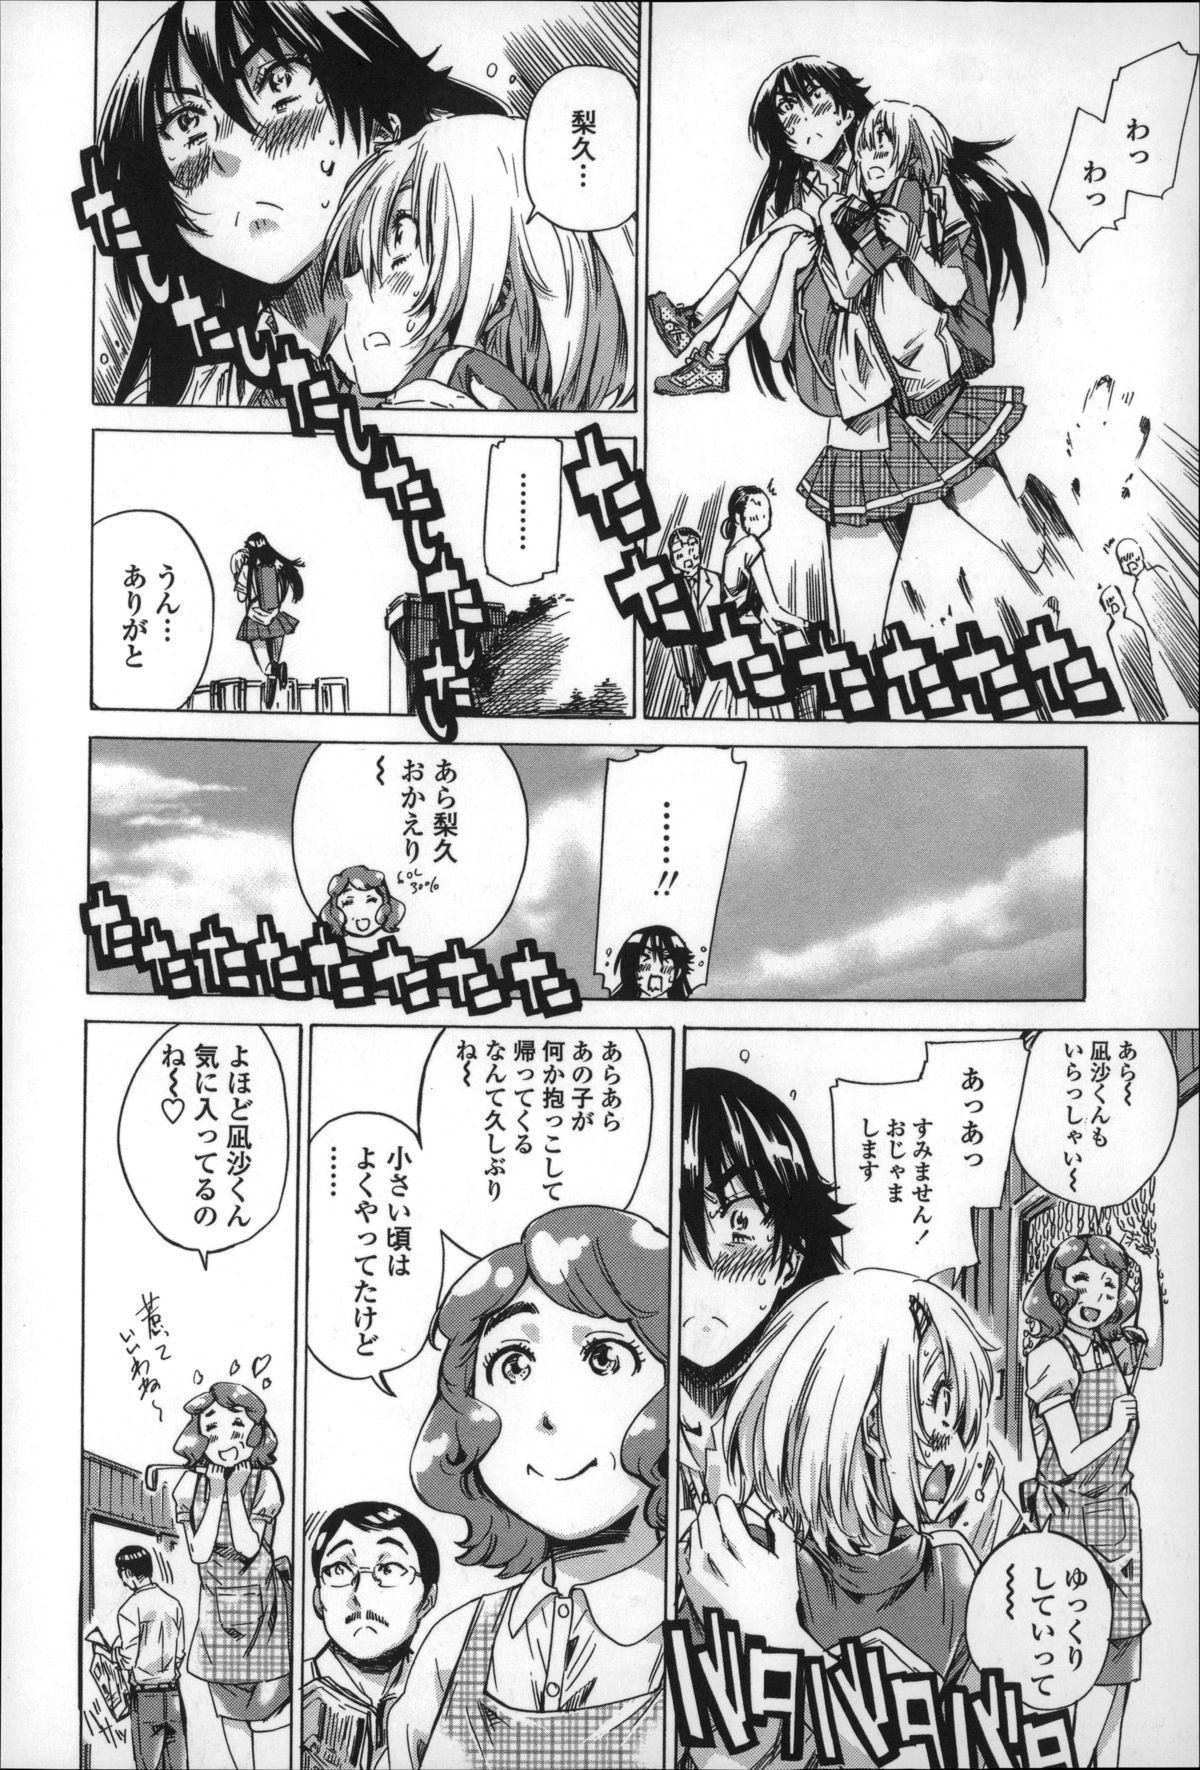 Choushin de Mukuchi no Kanojo ga Hatsujou Shite Kitara Eroiyo ne? 93